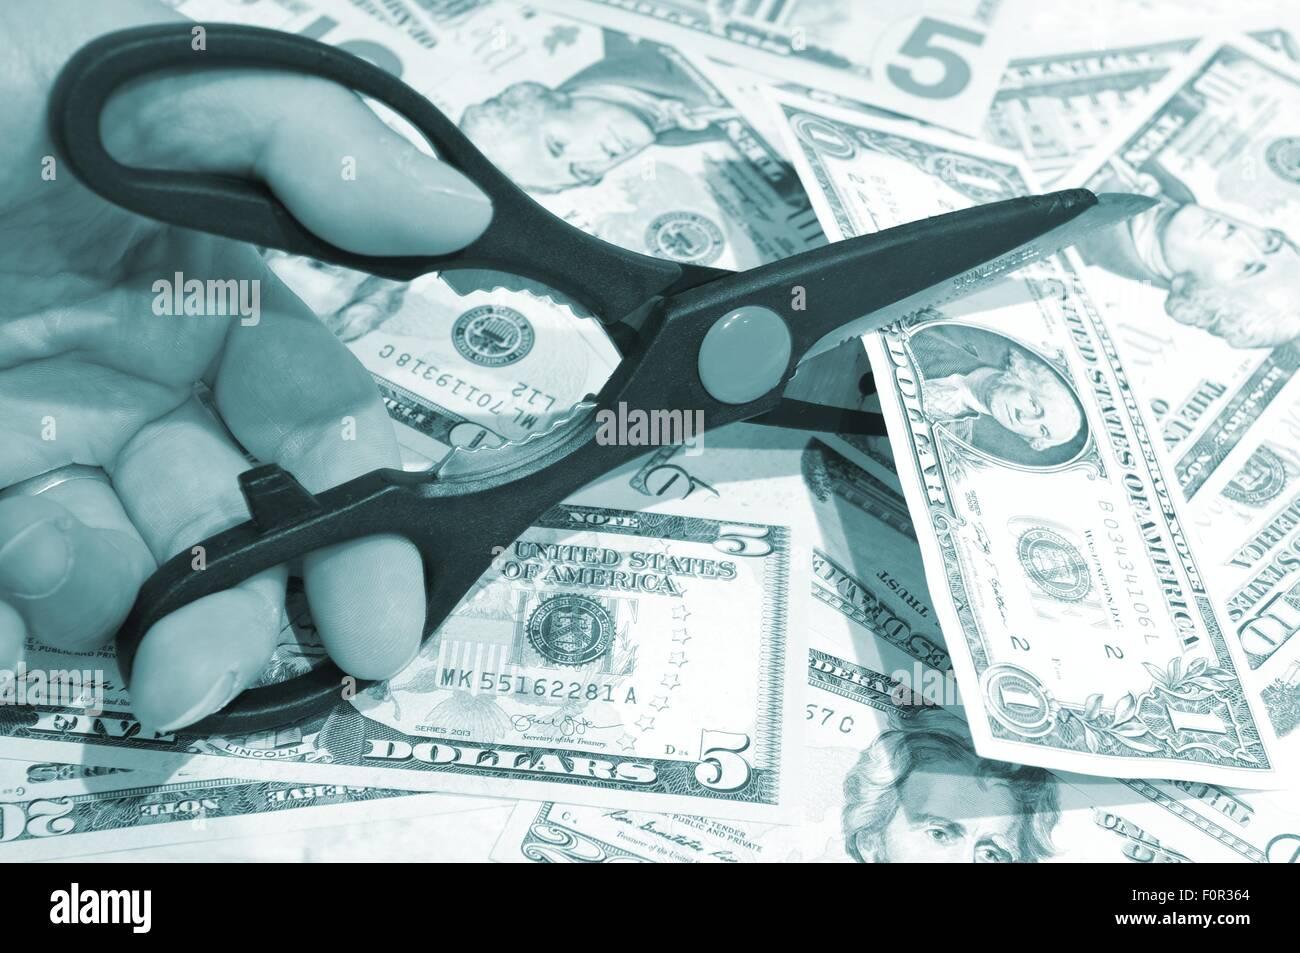 Tagli di bilancio concetto con forbici e Dollari USA Immagini Stock